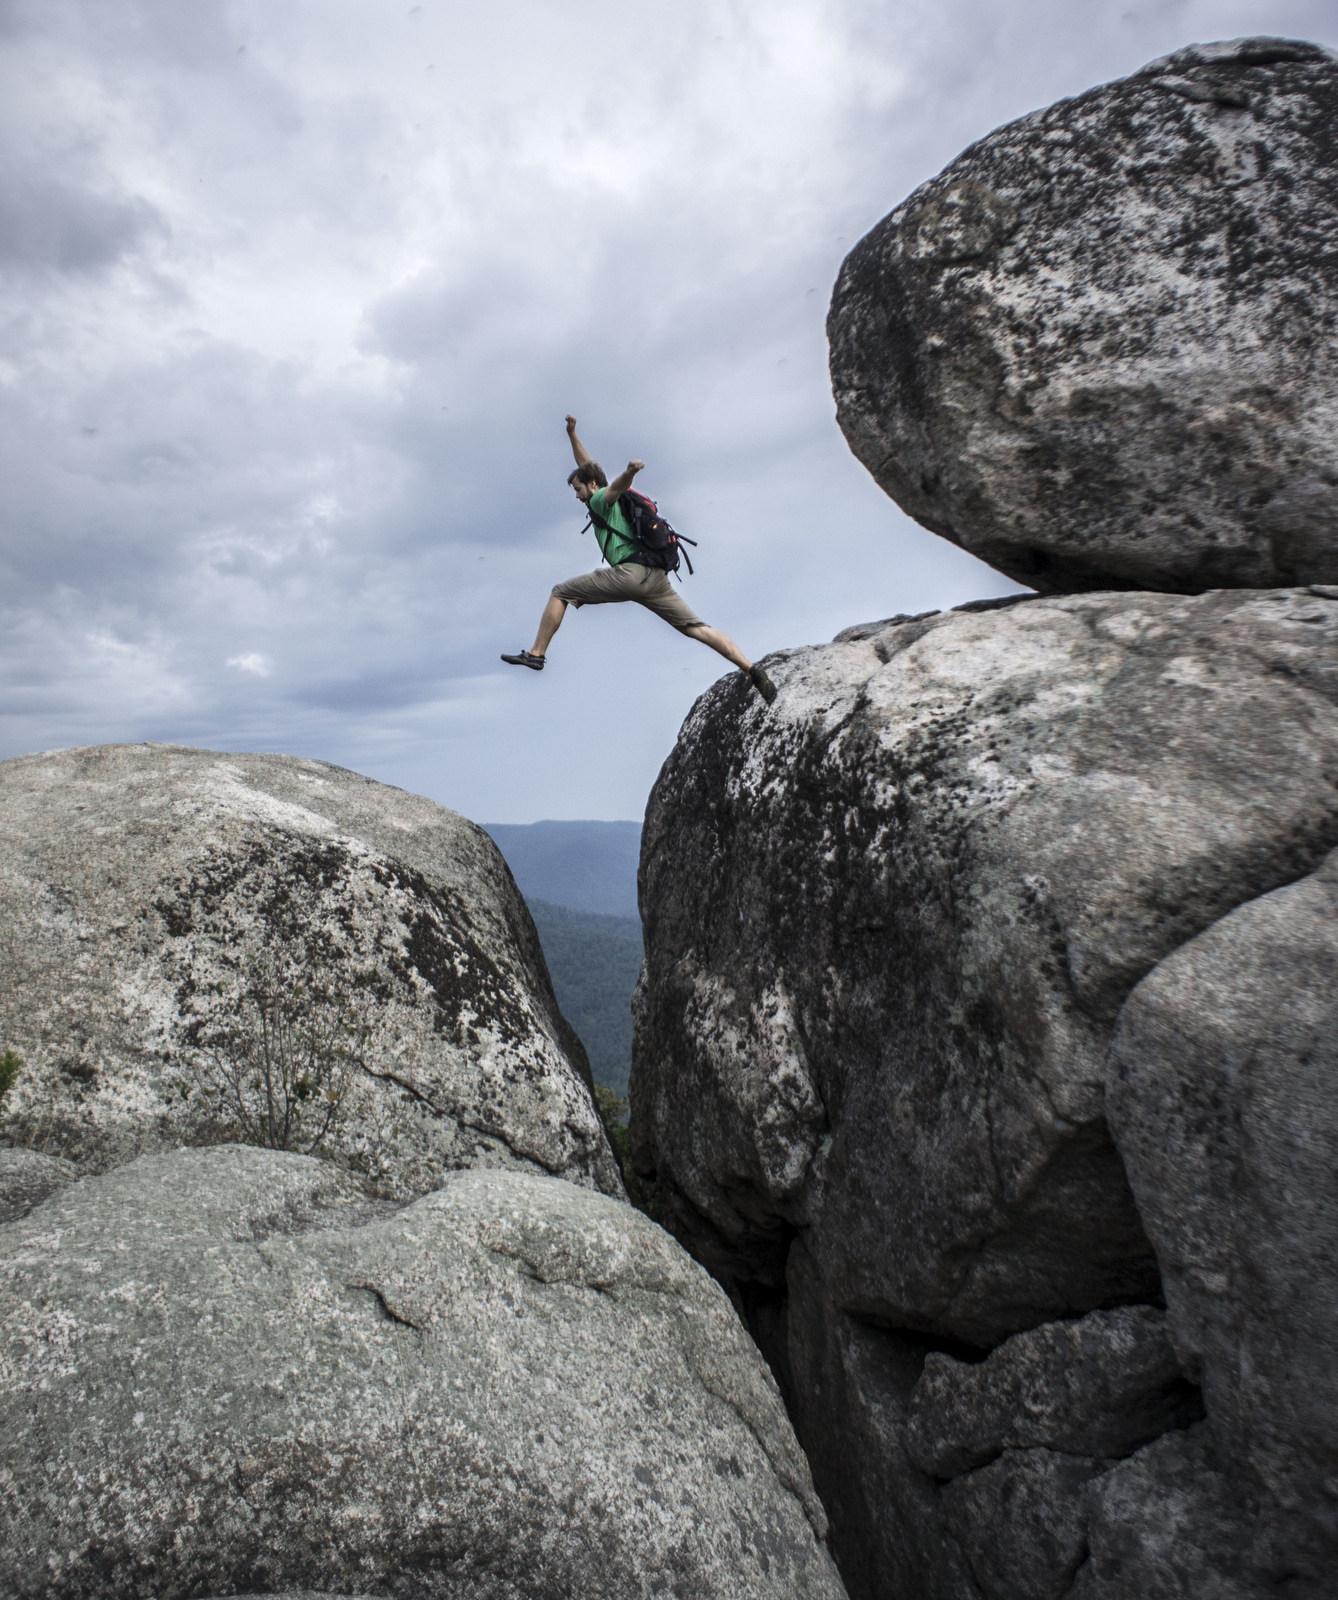 The Climbfish Blog: September 2012